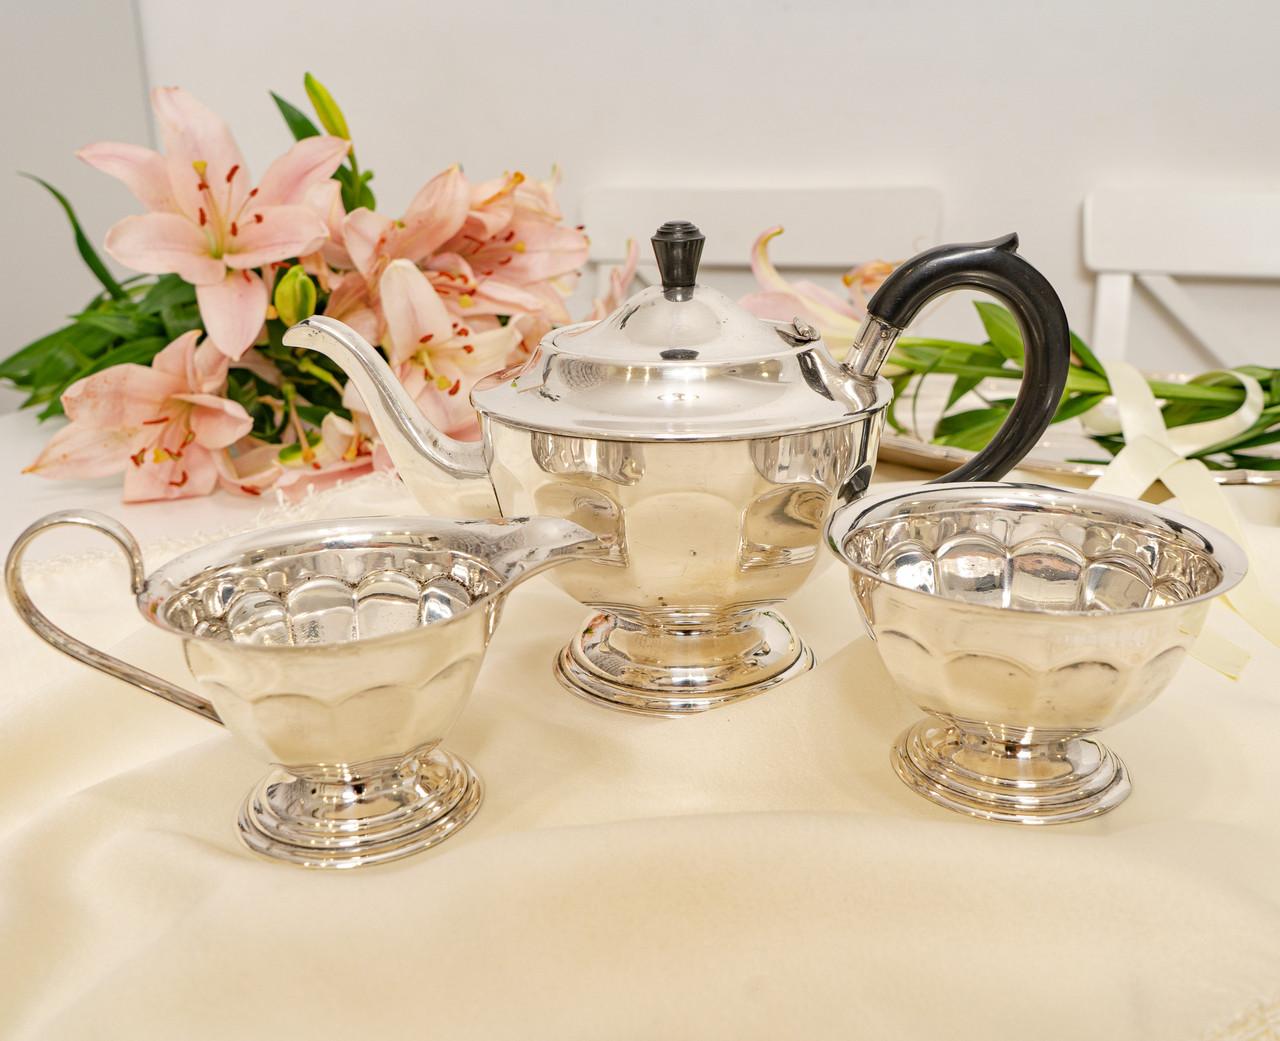 Английский посеребренный сервиз, чайник, молочник и сахарница, серебрение, Англия